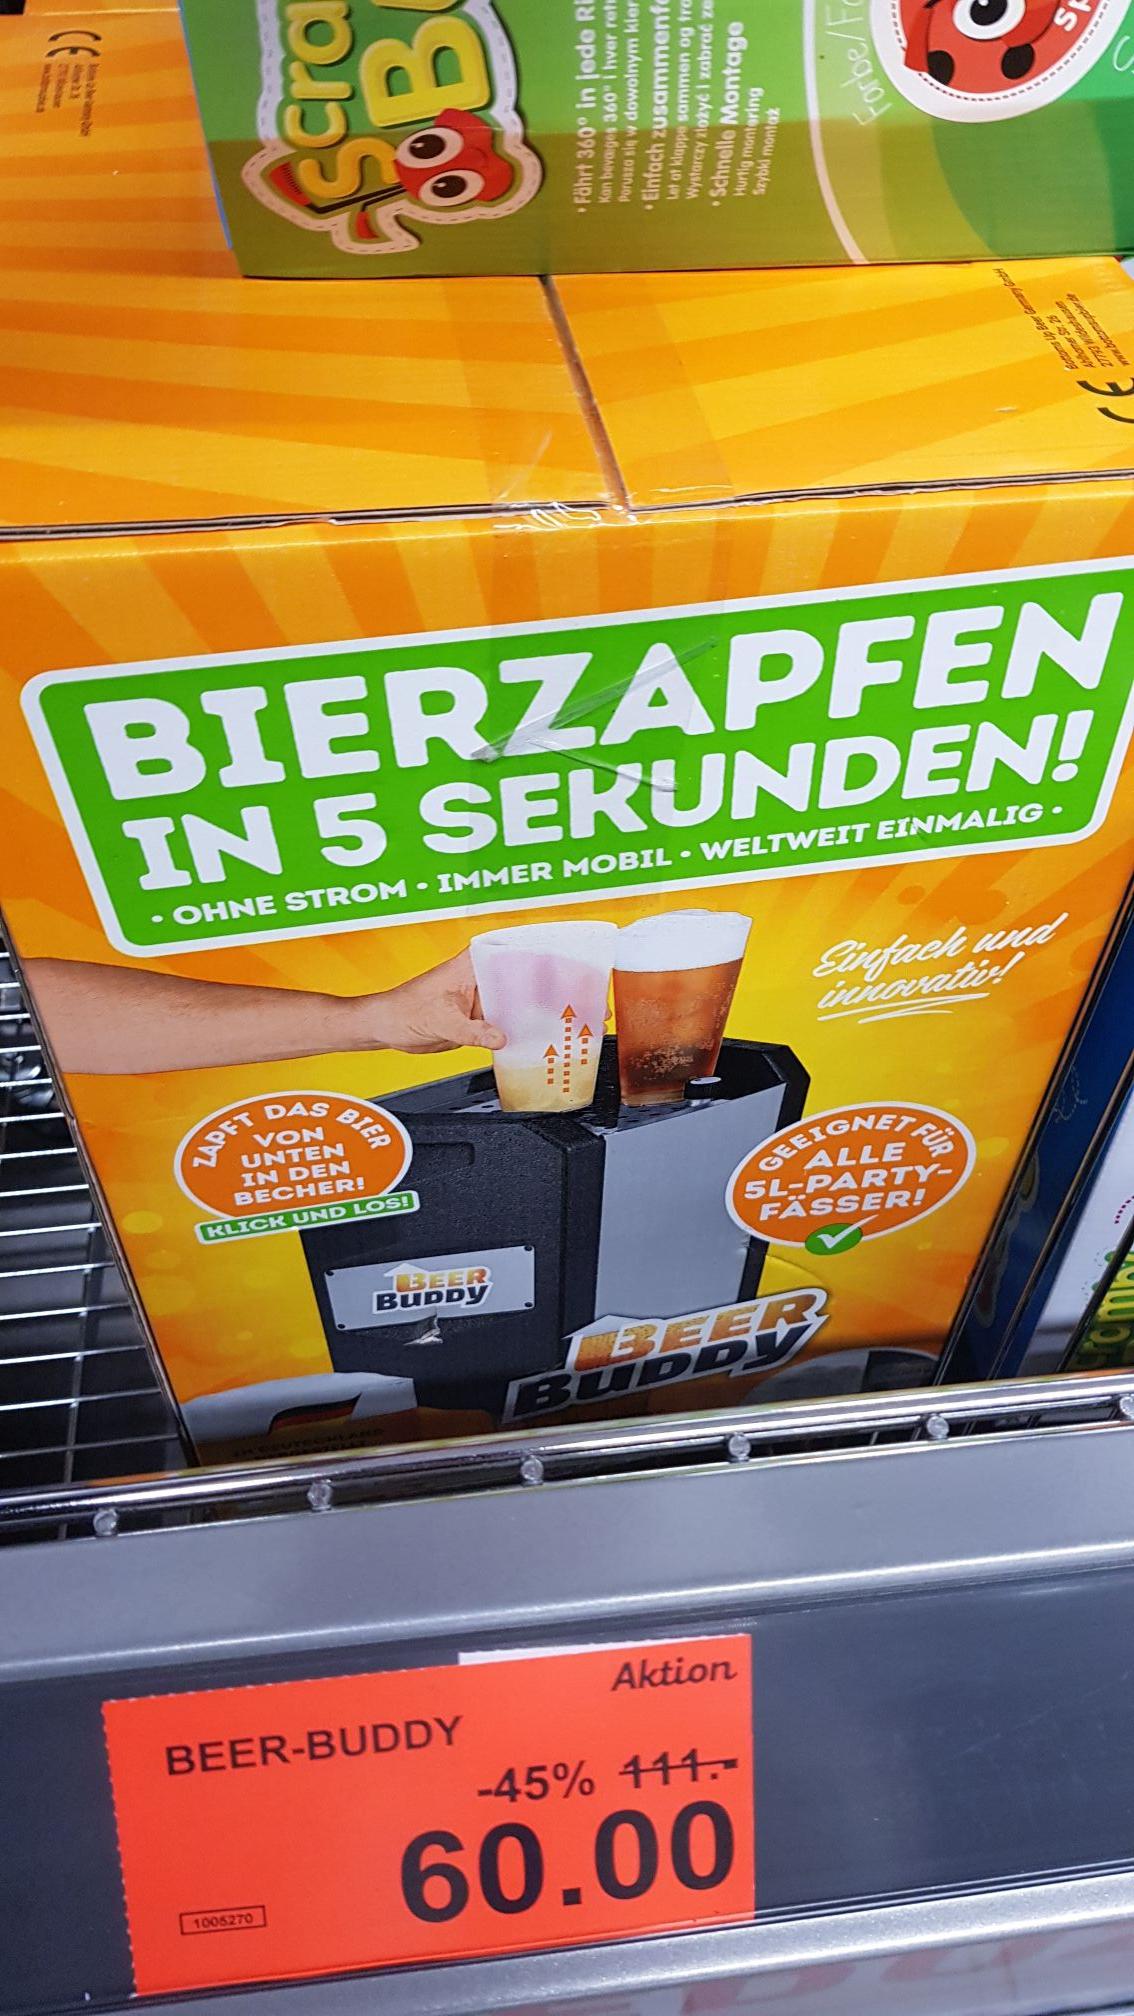 (Lokal Vitacenter Chemnitz) Bier Zapfanlage